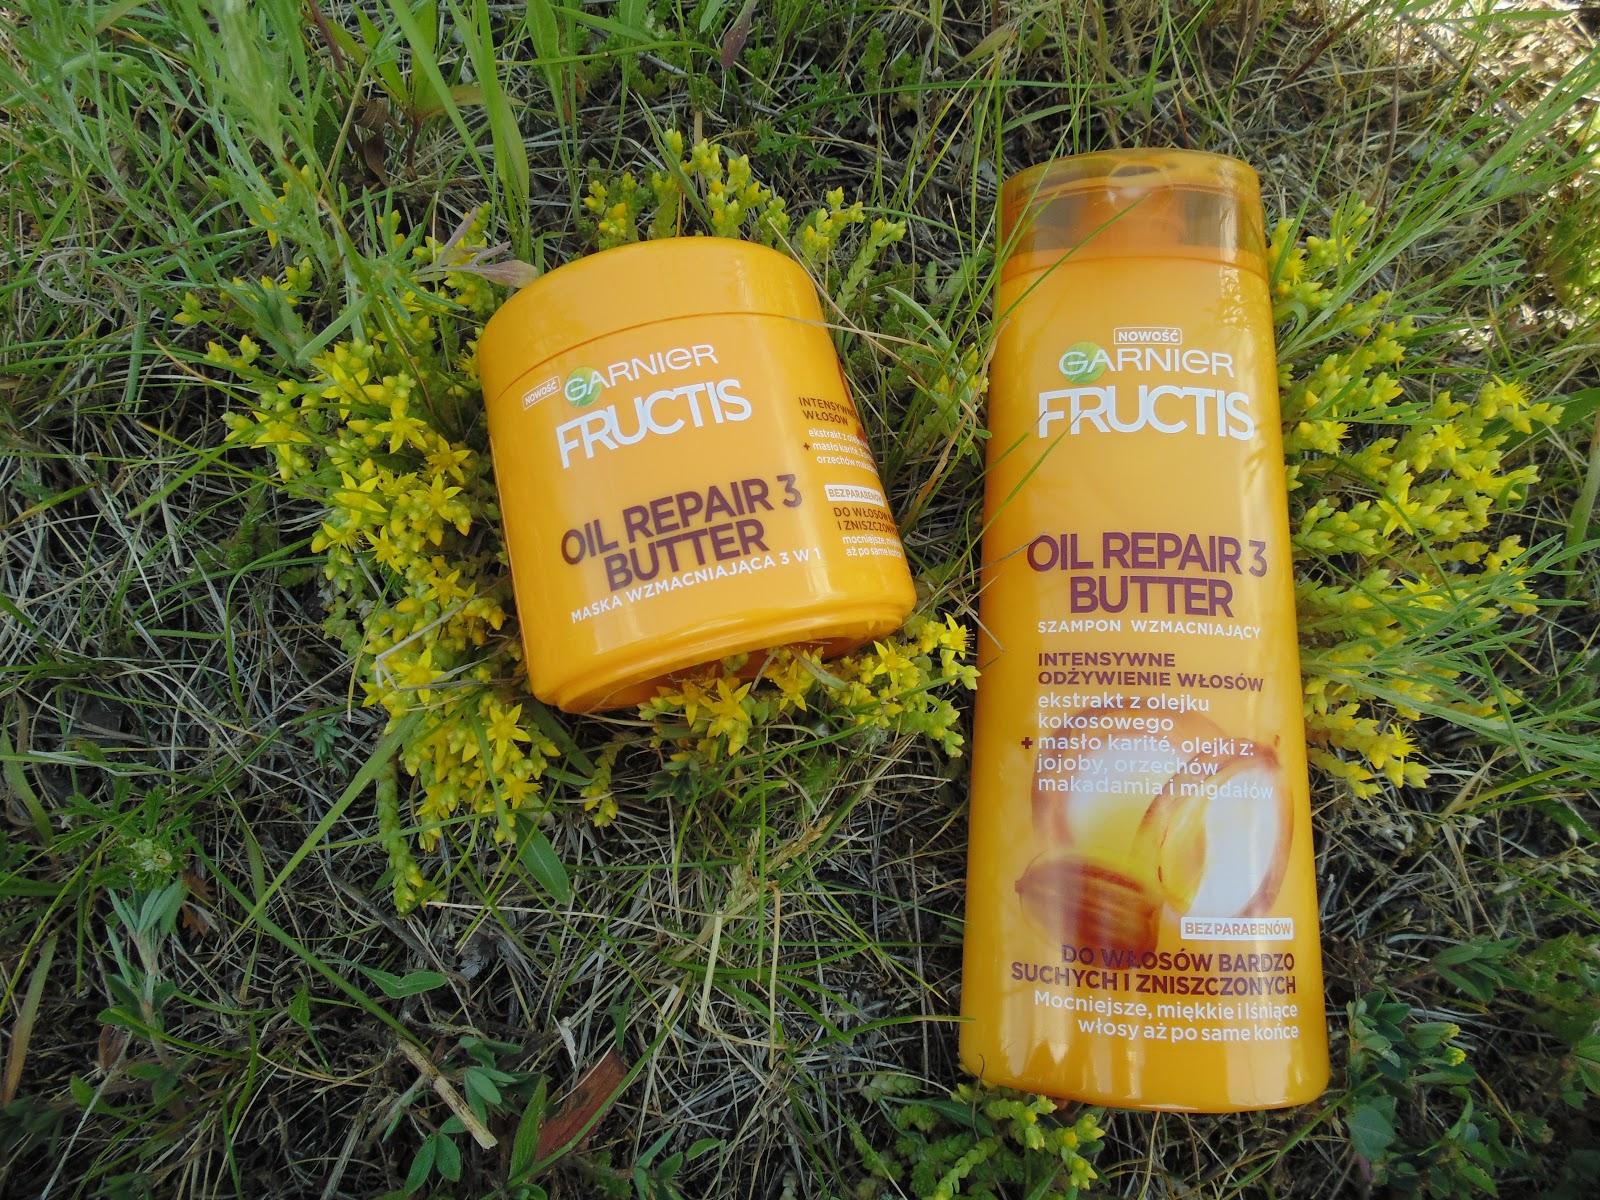 Garnier fructis Oil Repair 3 butter szampon i maska do włosów bardzo suchych i zniszczonych/ recenzja